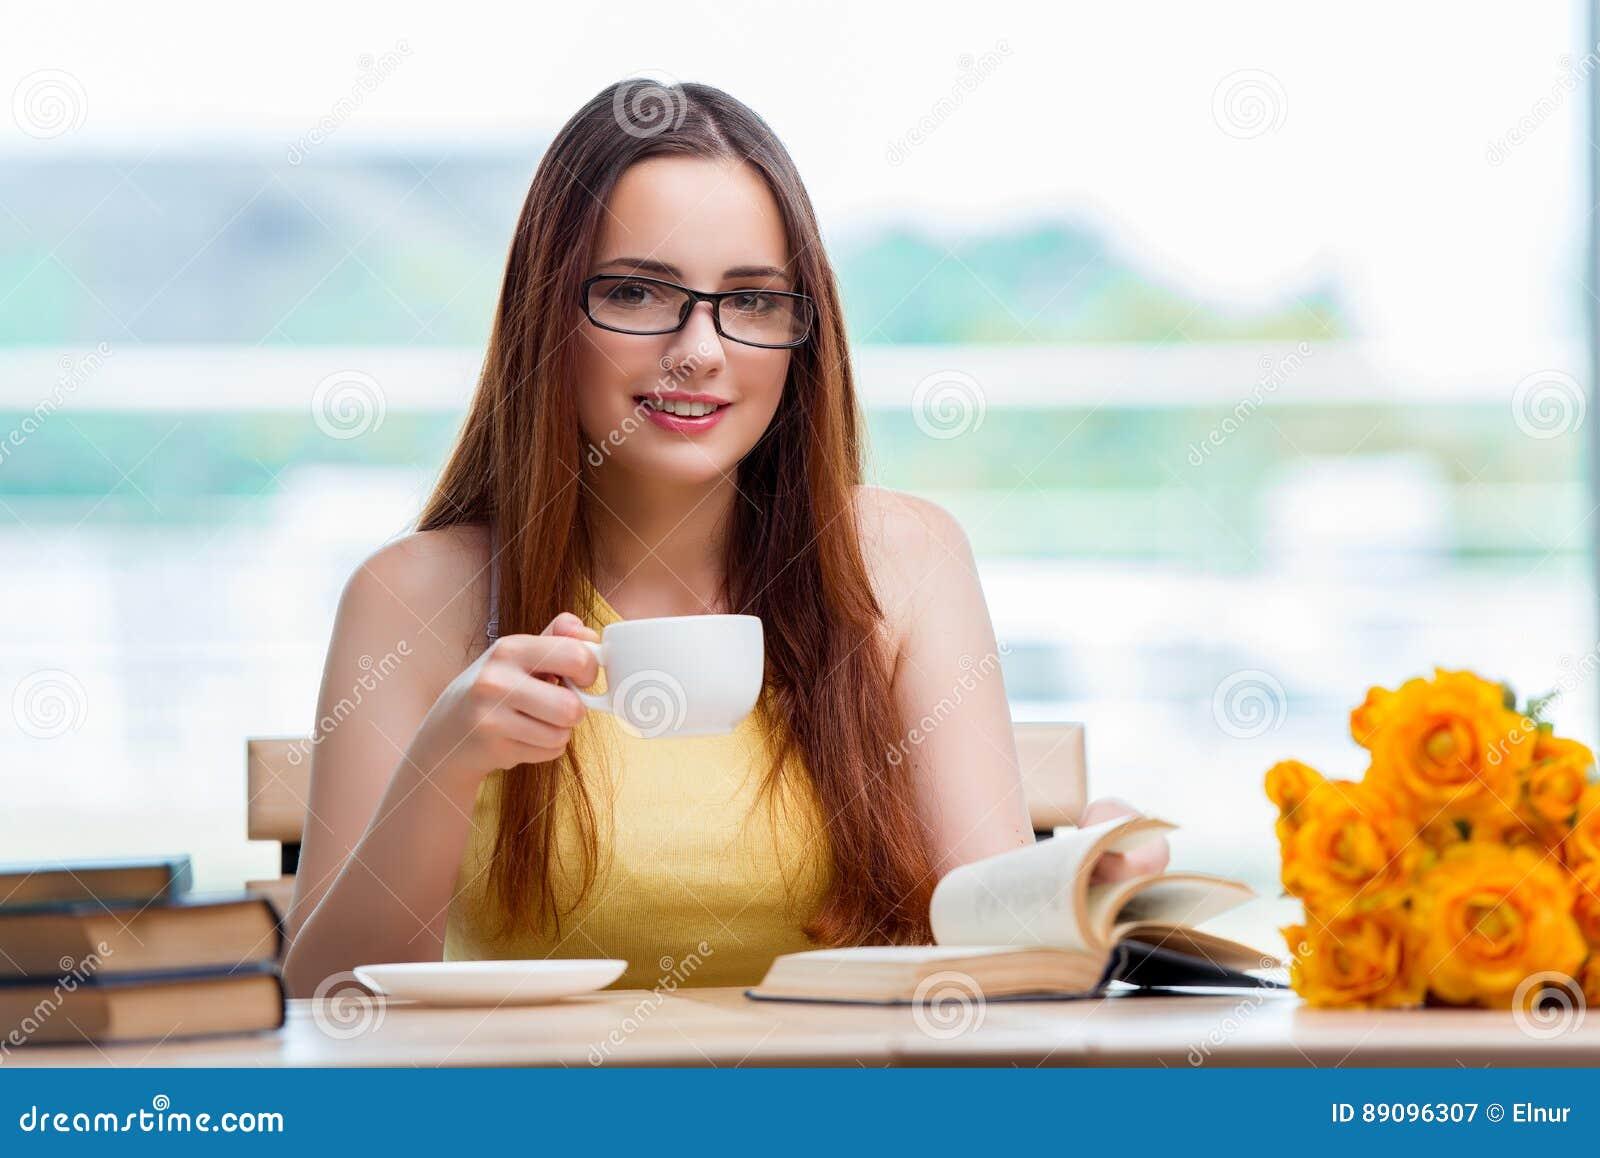 年轻学生饮用的咖啡,当sudying时